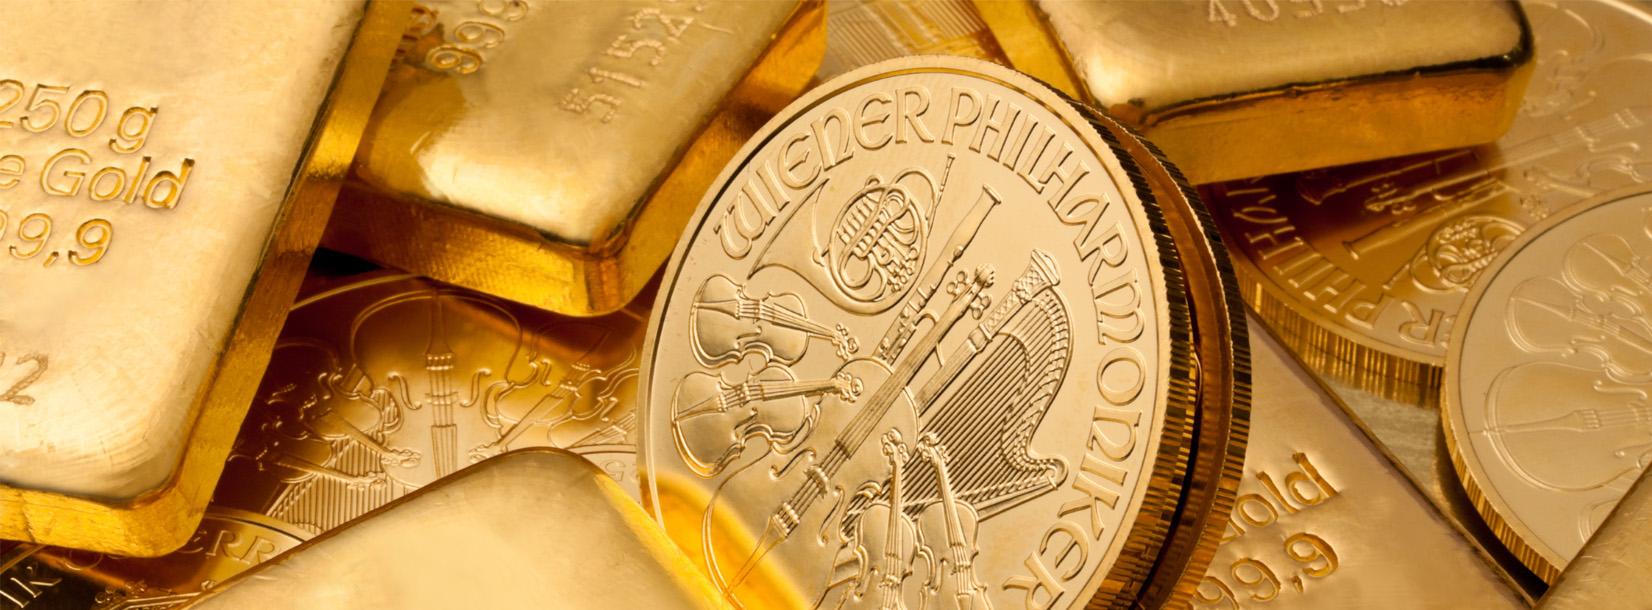 Cazip Yatırım Altın Fiyatları Artacak mı?